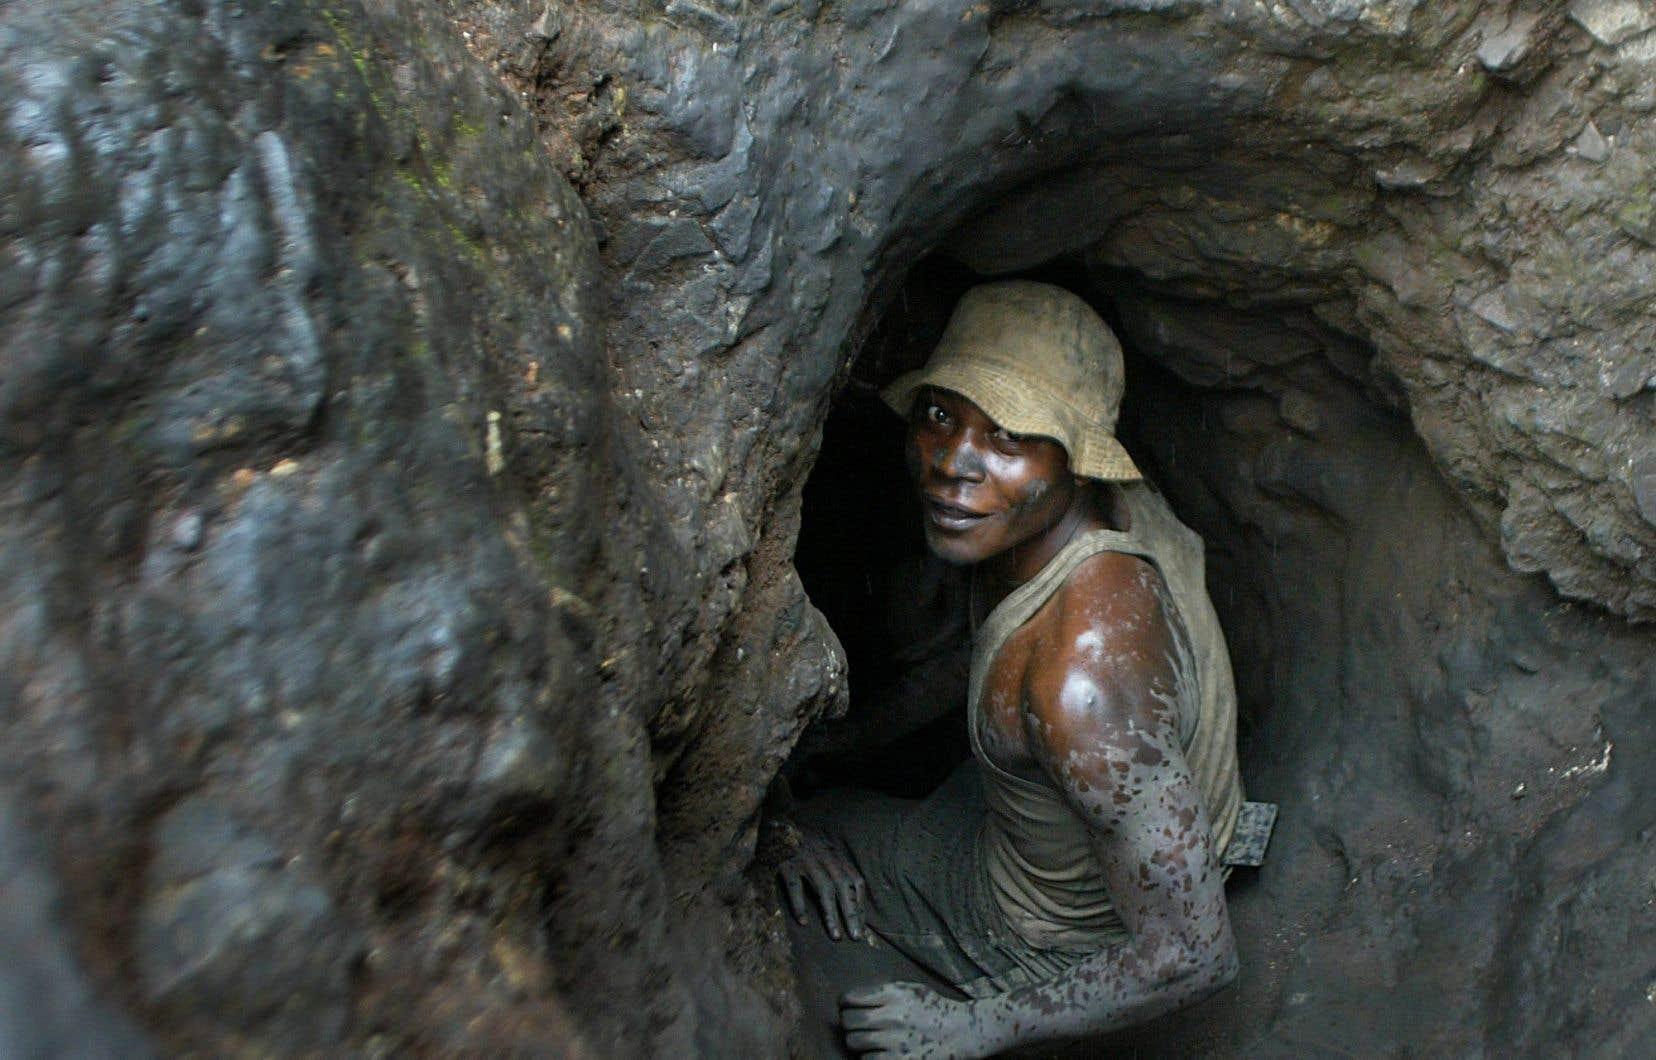 En République démocratique du Congo, un travailleur s'apprête à s'enfoncer dans un tunnel d'une mine de cobalt pour en tirer le minerai qu'utilise l'industrie de la téléphonie mobile. Des ONG dénoncent l'emploi des «minerais tachés de sang et extraits dans des zones de conflit».